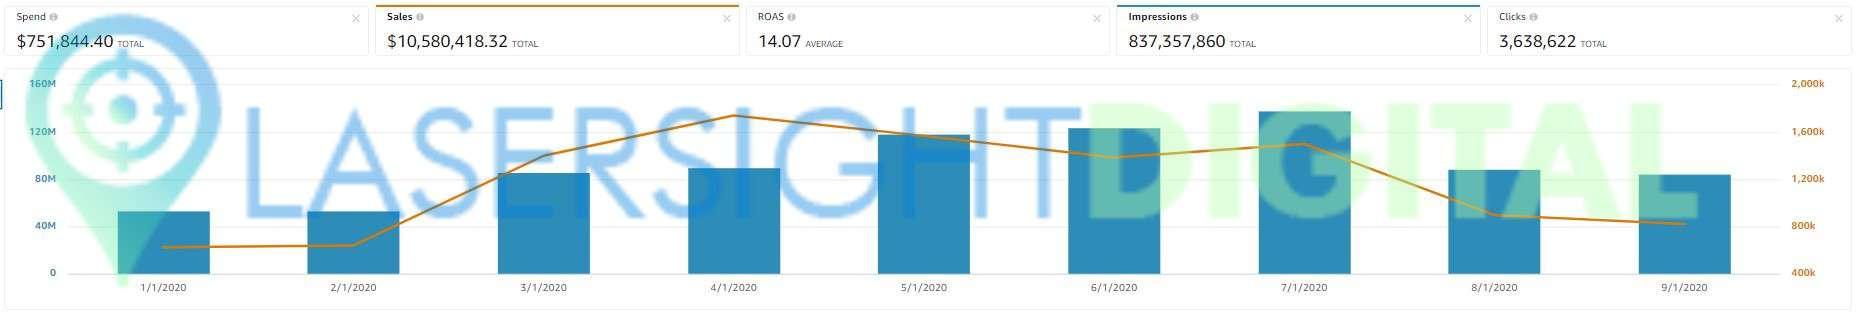 2020 - sales =$10.5m - spend=$751.8k - ROAS =14.07x